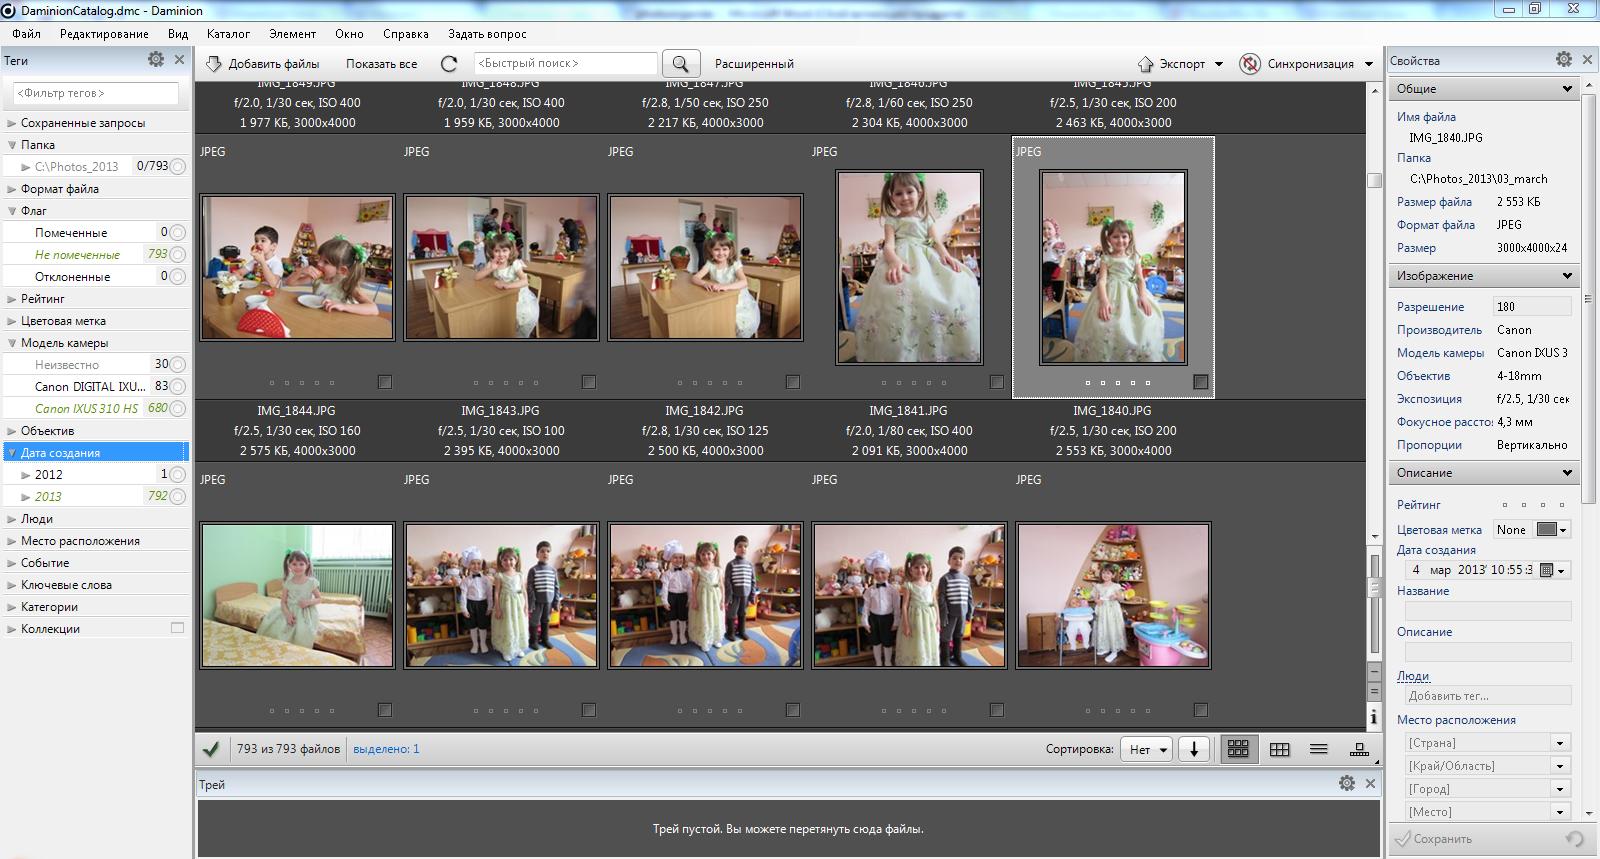 Программу изображений и видео просмотра